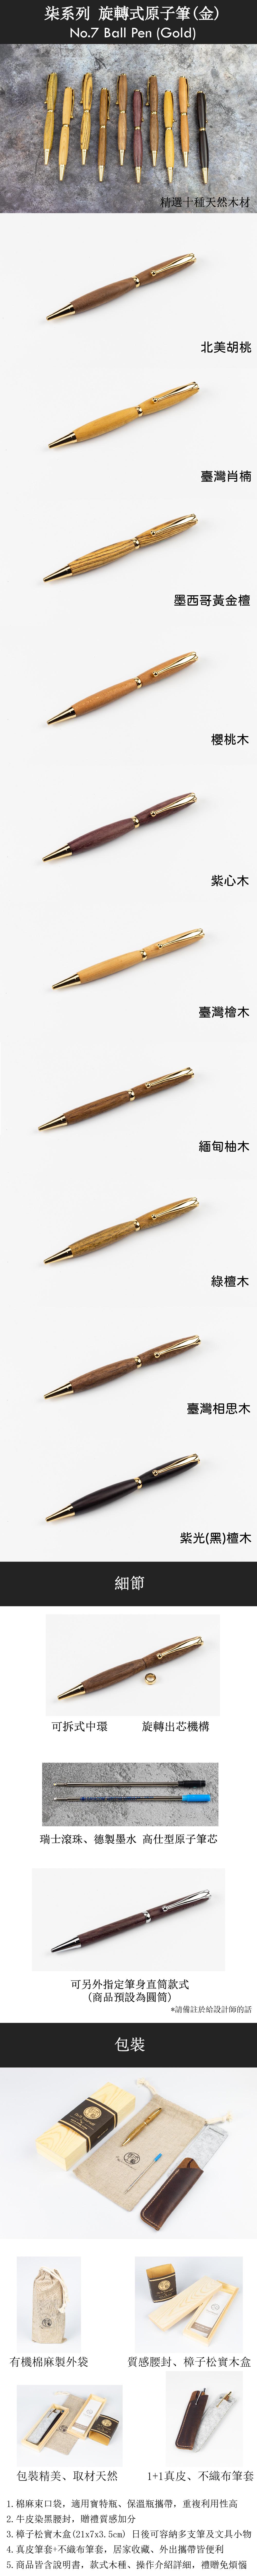 柒系列原子筆(金)-01-01